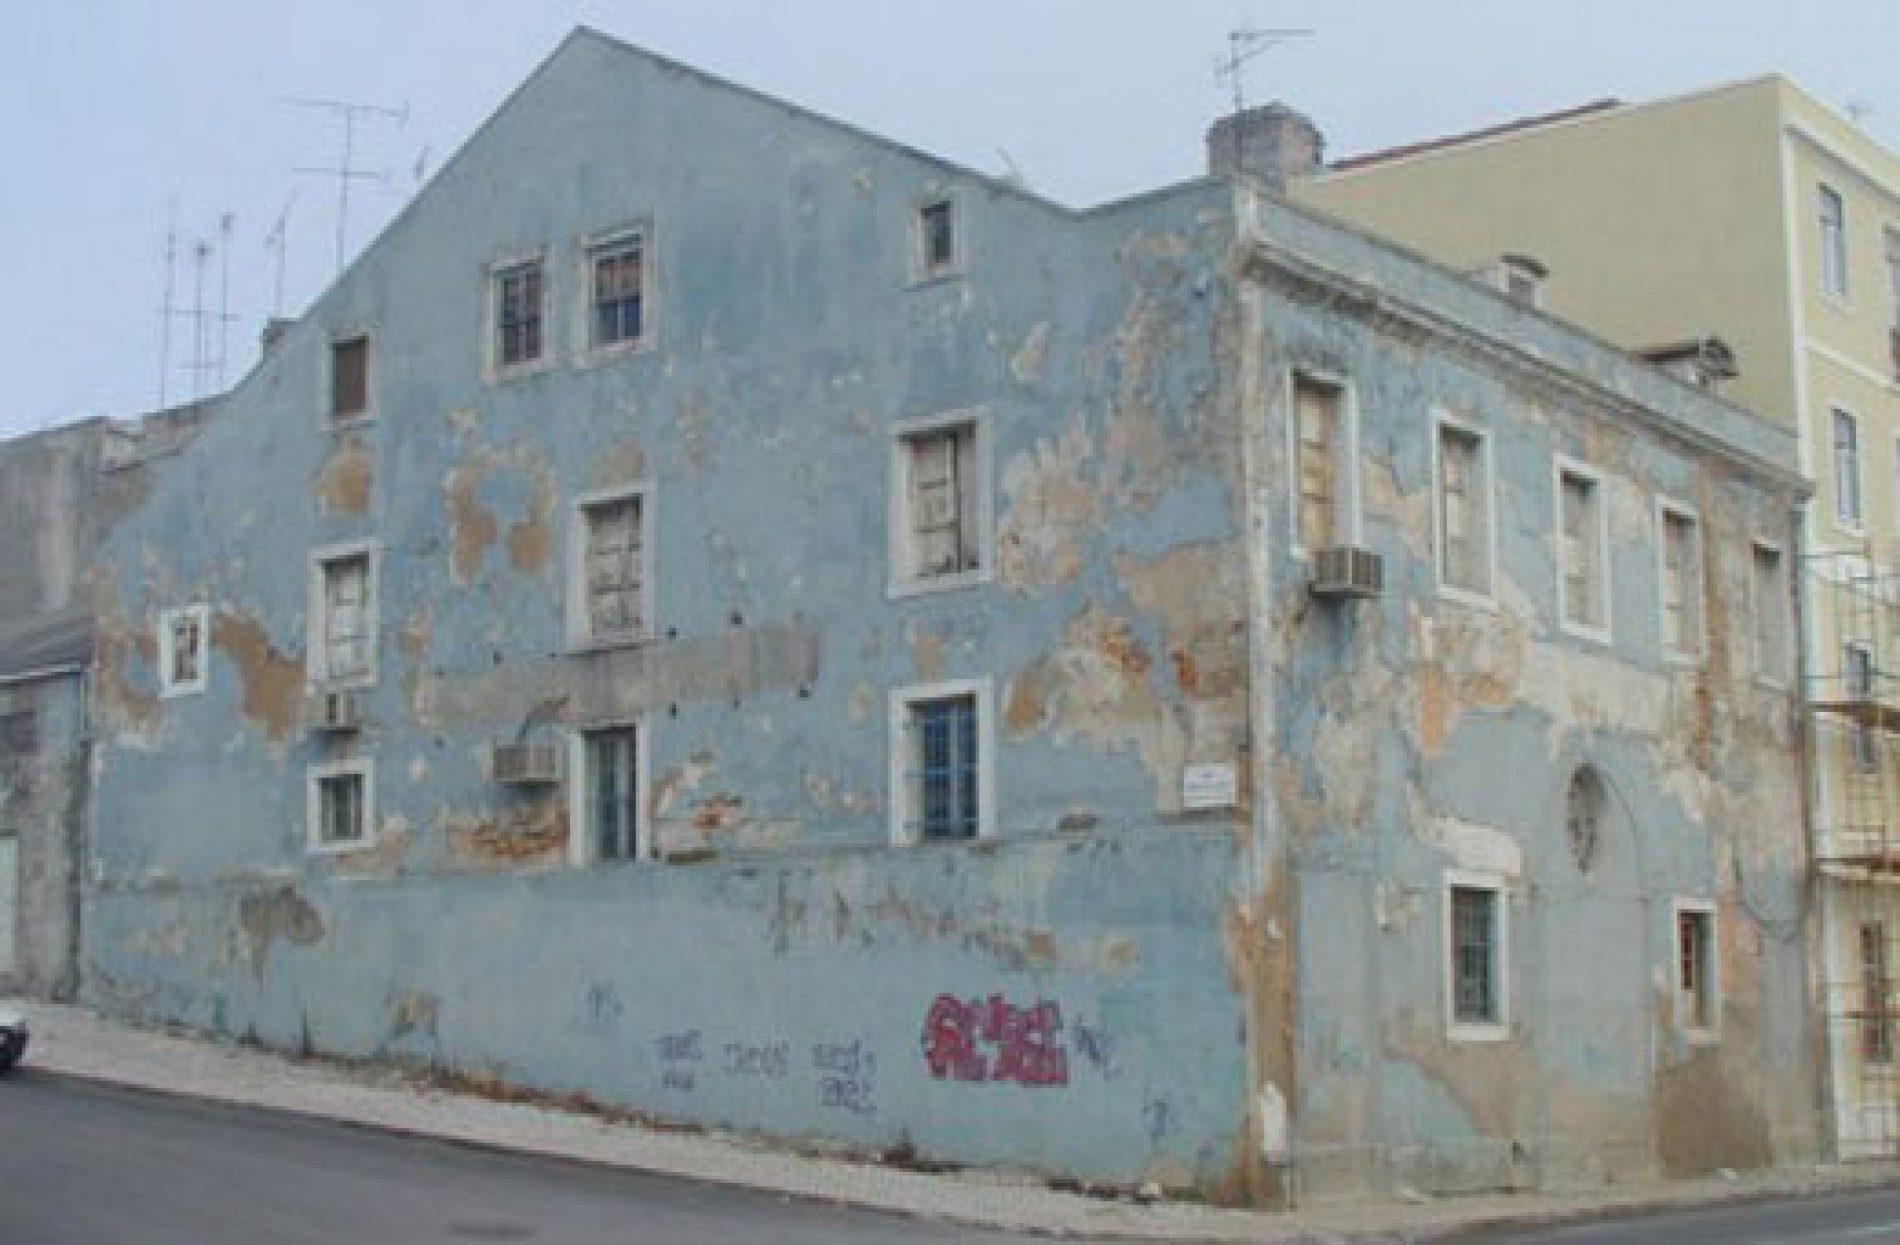 Mal-logement : La Fondation Abbé Pierre publie un rapport accablant